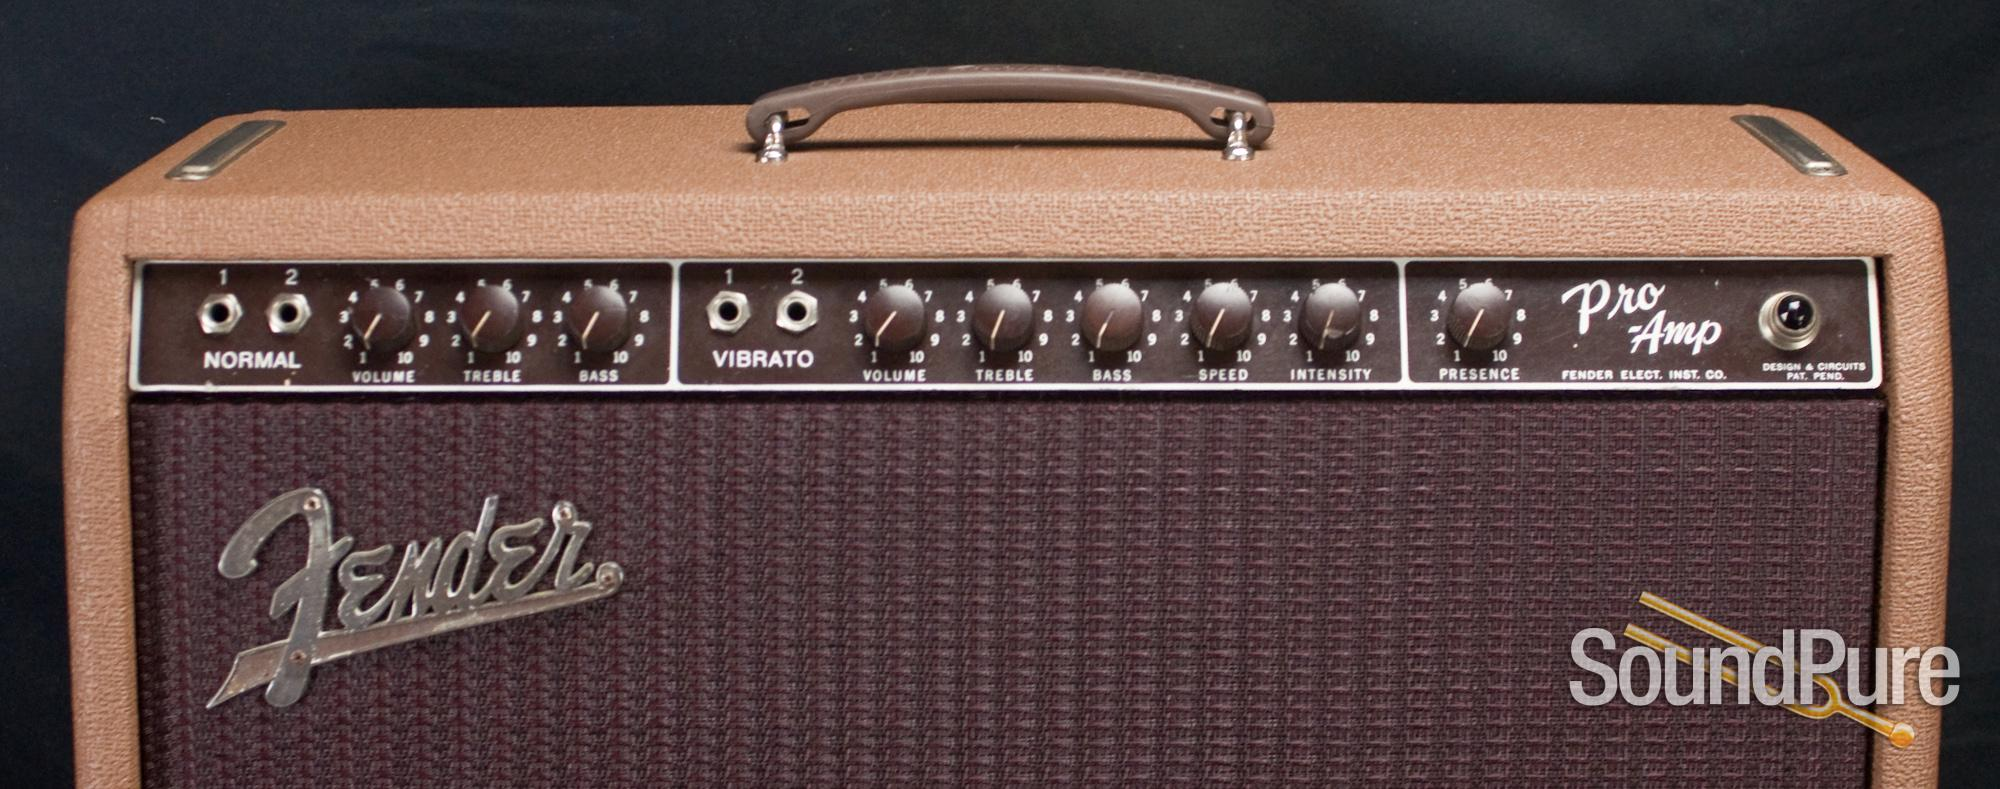 fender 1962 pro amp brownface guitar amp vintage used ebay. Black Bedroom Furniture Sets. Home Design Ideas